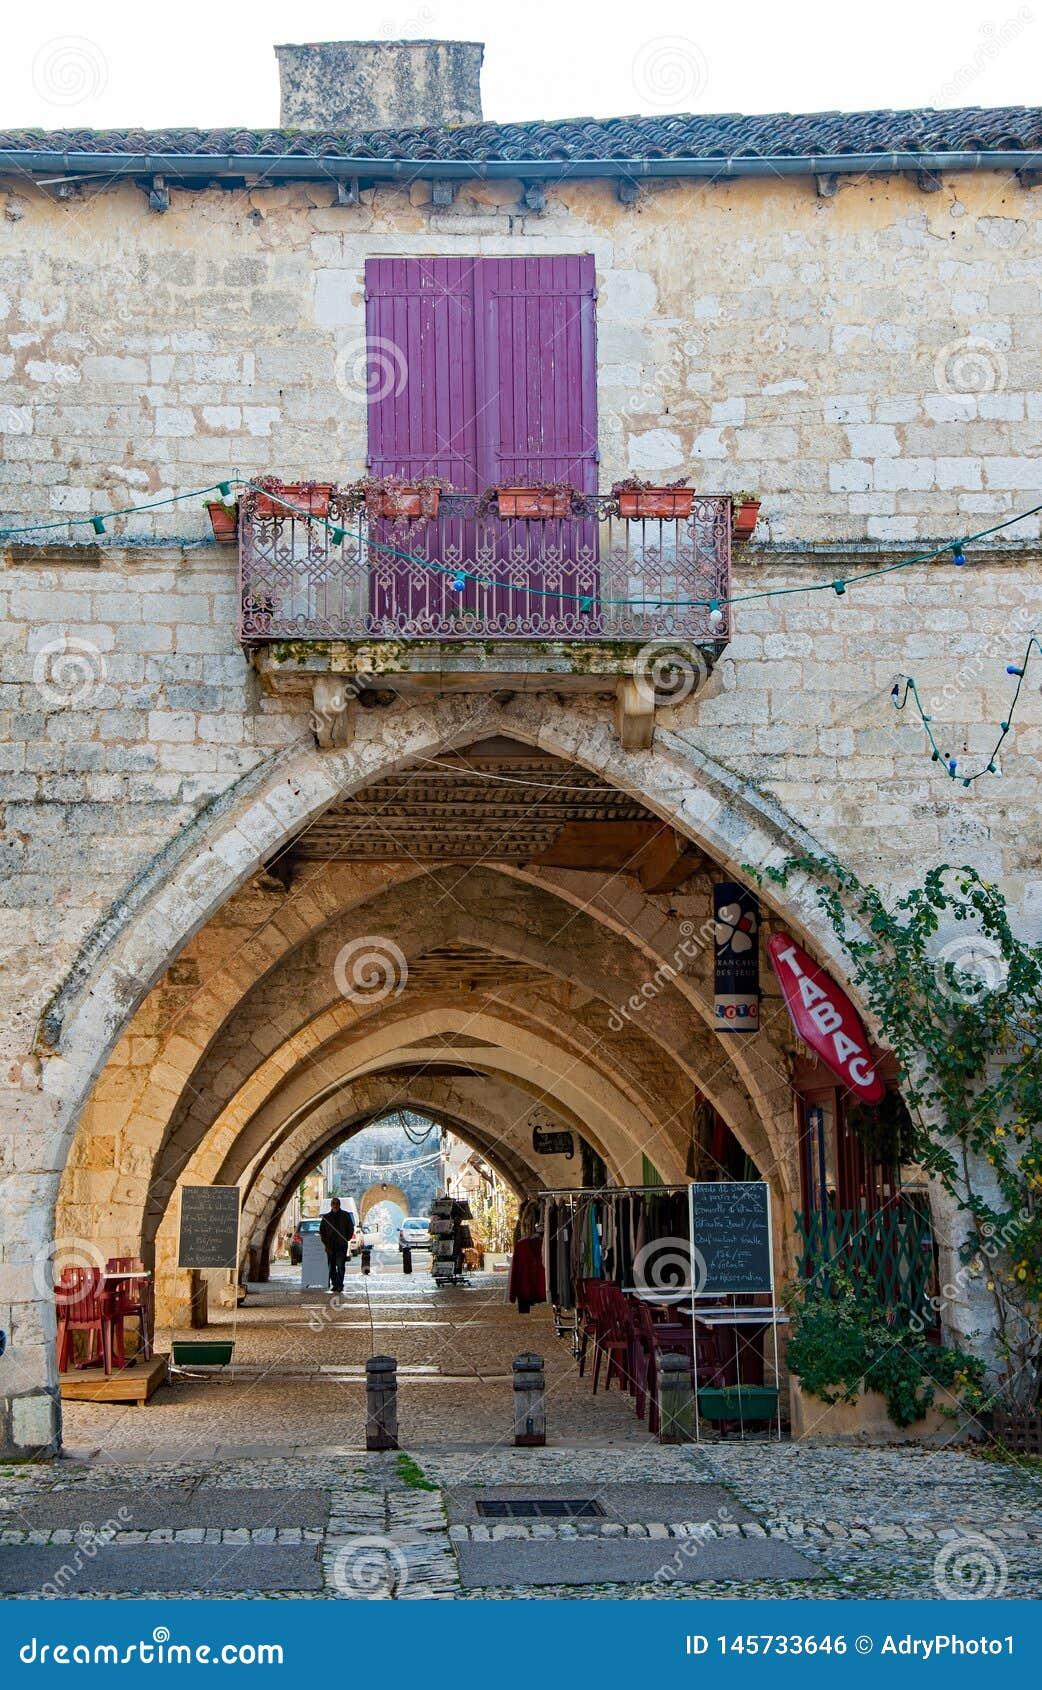 Το χωριό Monpazier, στη dordogne-Périgord περιοχή, Γαλλία Μεσαιωνικό χωριό με τα arcades και το χαρακτηριστικό τετράγωνο